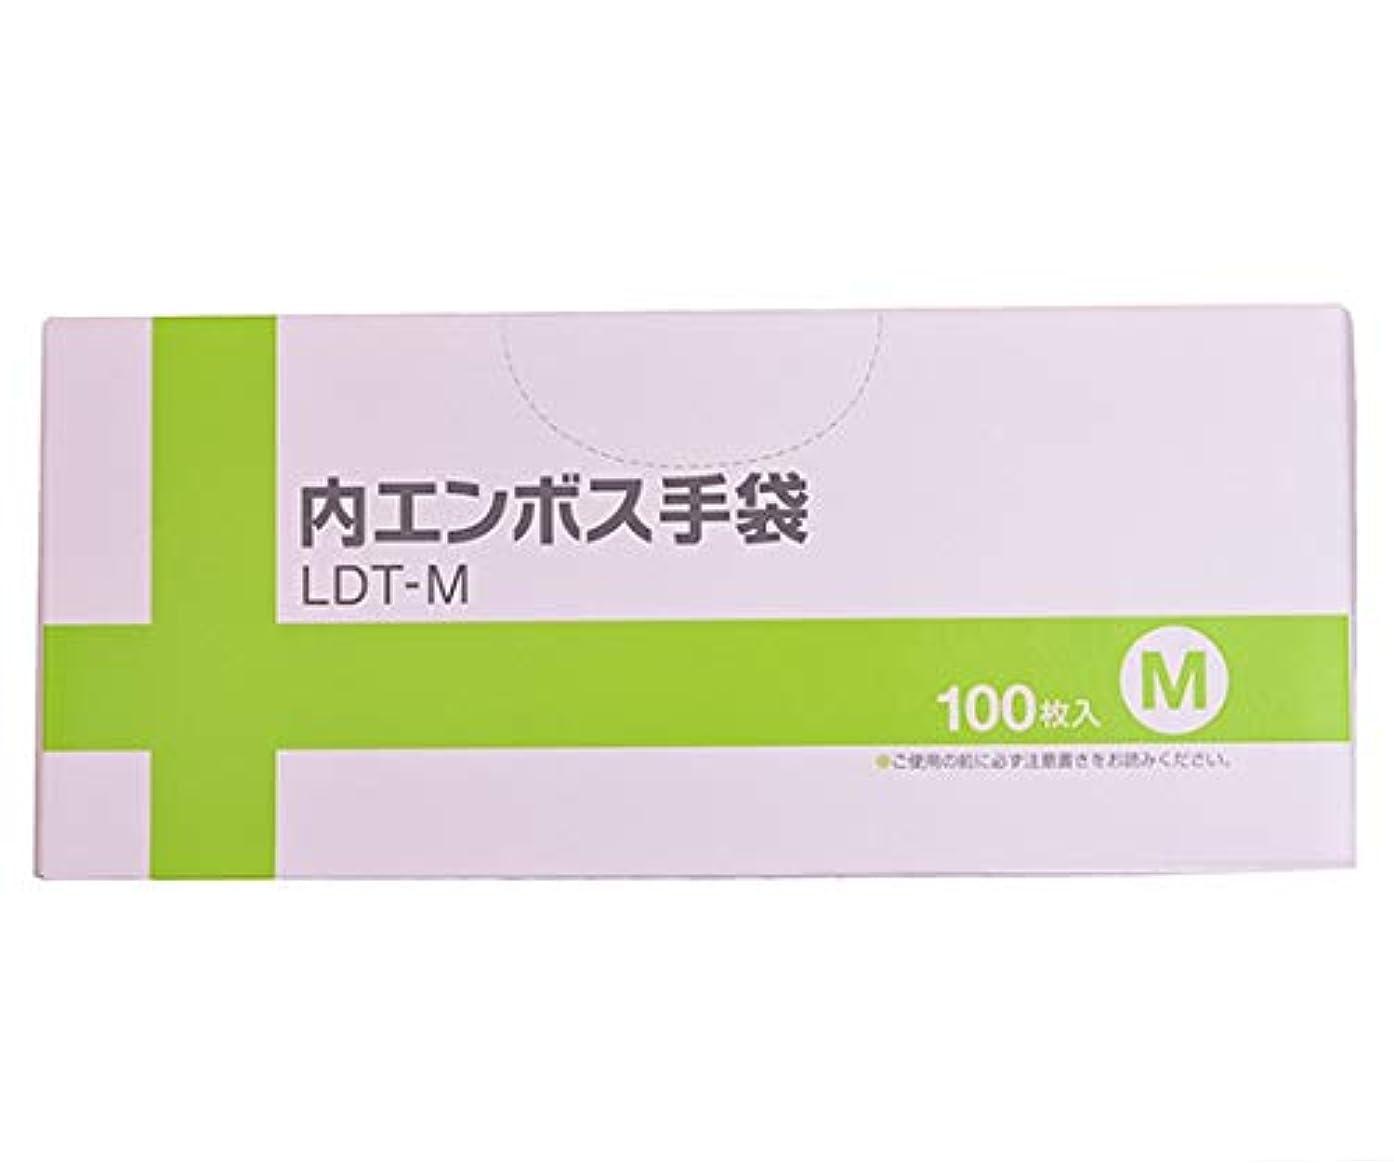 歩き回る数学的な受け入れる伊藤忠リーテイルリンク 内エンボス手袋 M 100枚×40袋